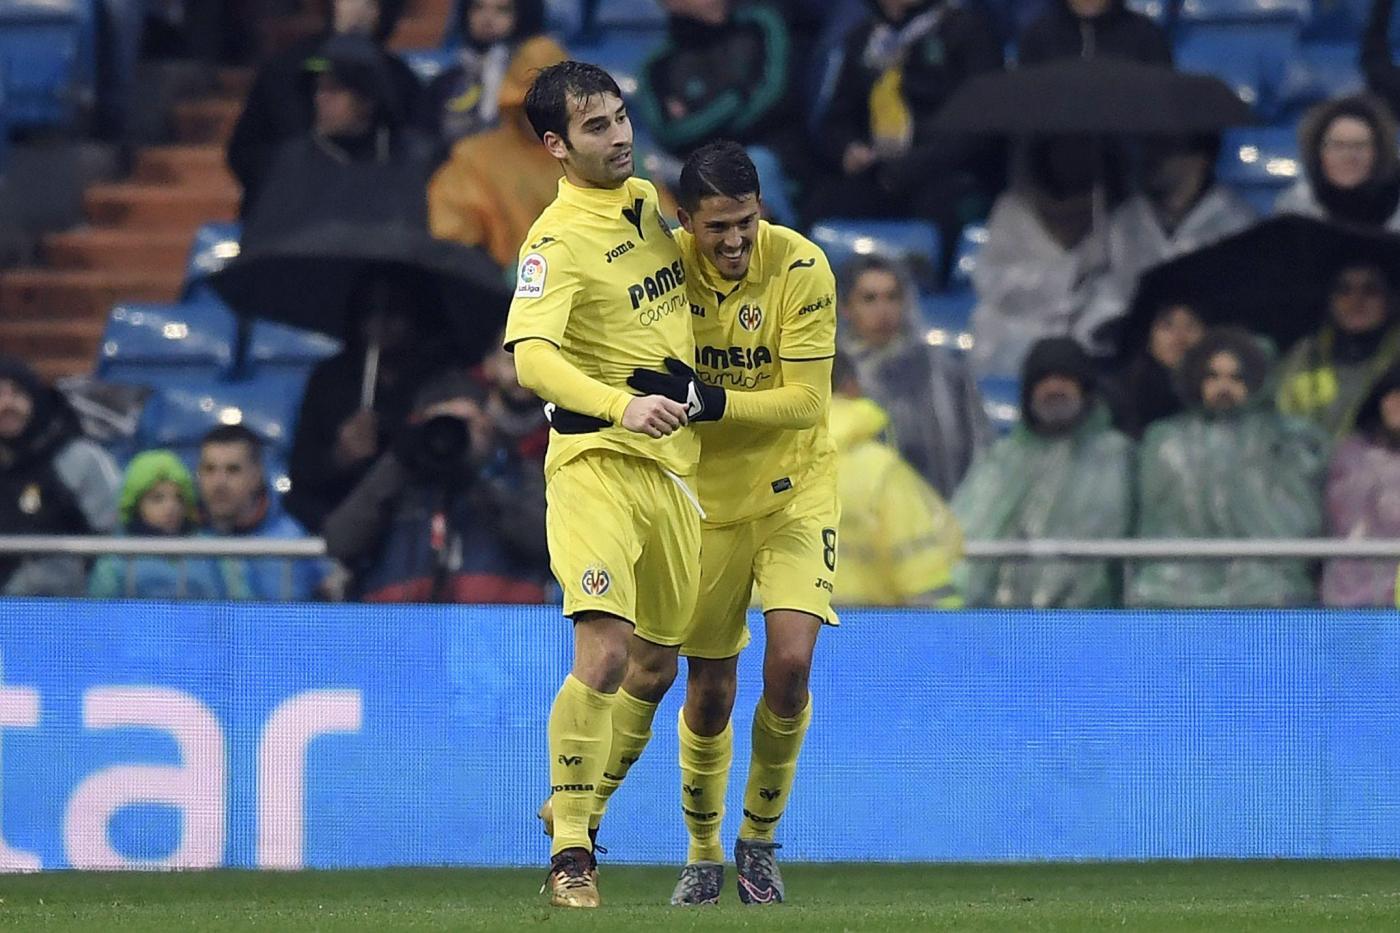 LaLiga, Leganes-Villarreal domenica 16 settembre: analisi e pronostico del lunch match della quarta giornata del campionato spagnolo